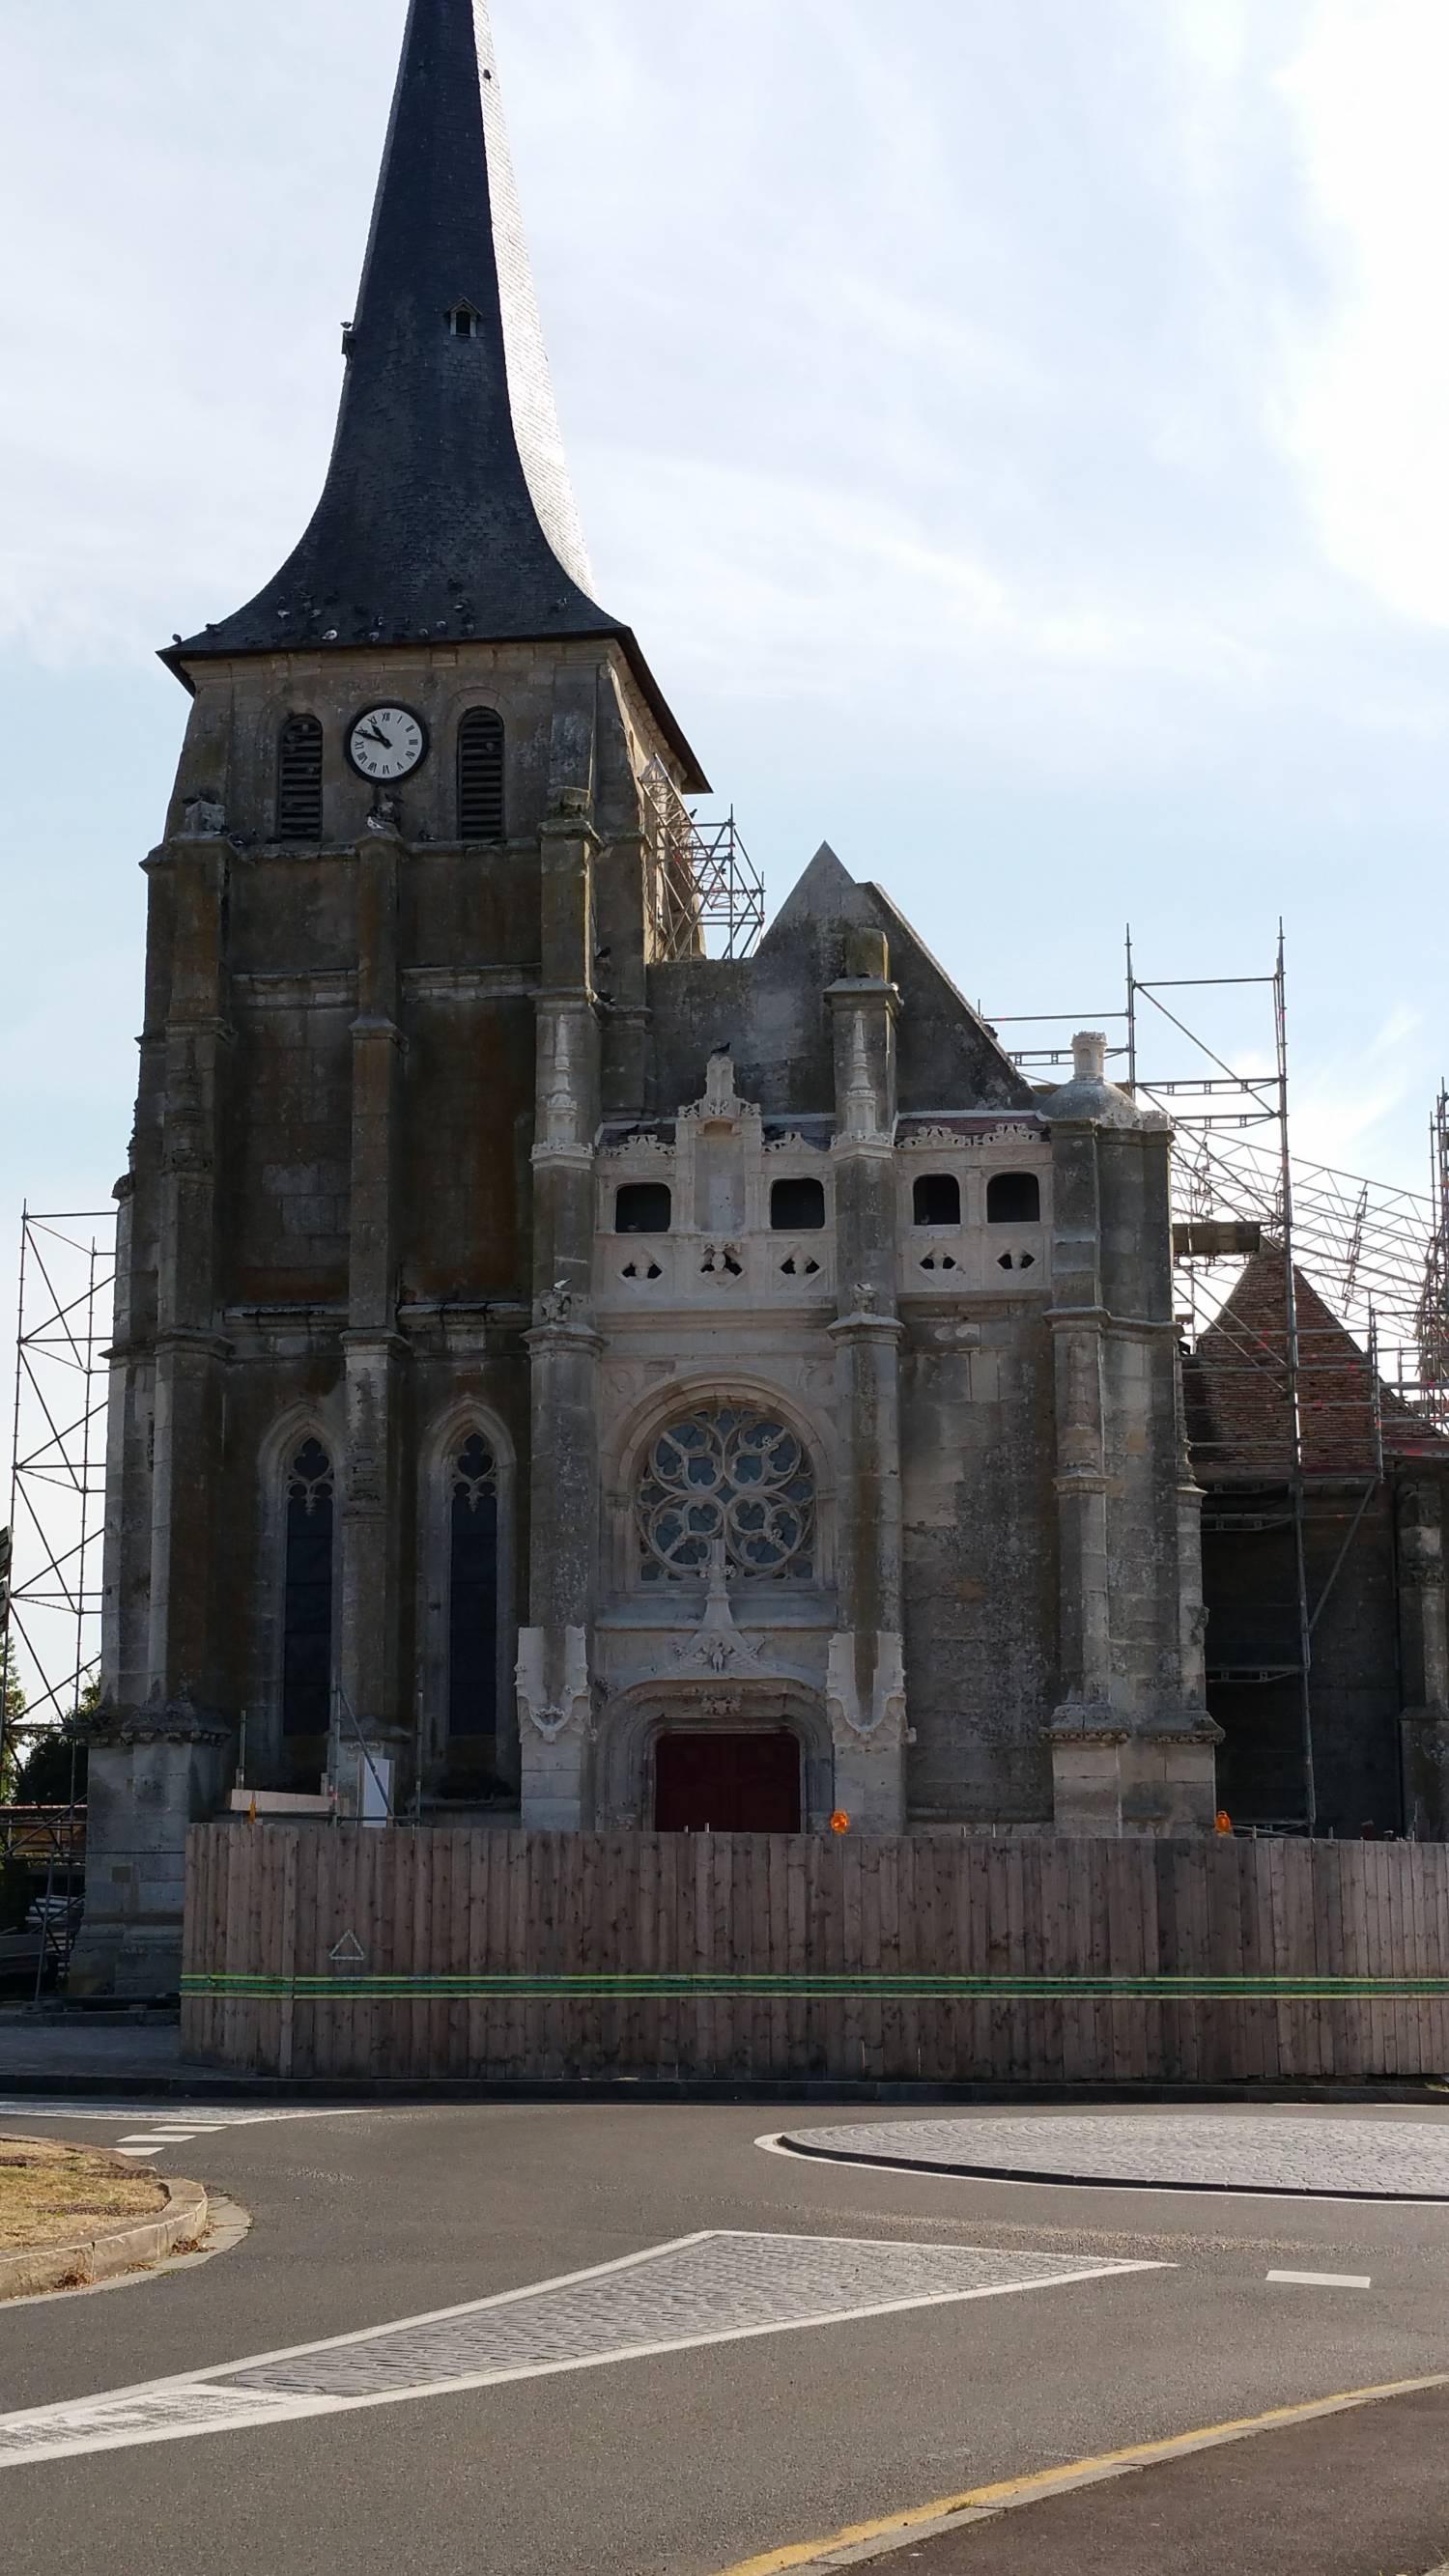 Saint-Aubin-d'Ecrosville (27) Eglise Saint-Aubin-et-Saint-Agip - Sauvegarde de l'Art Français